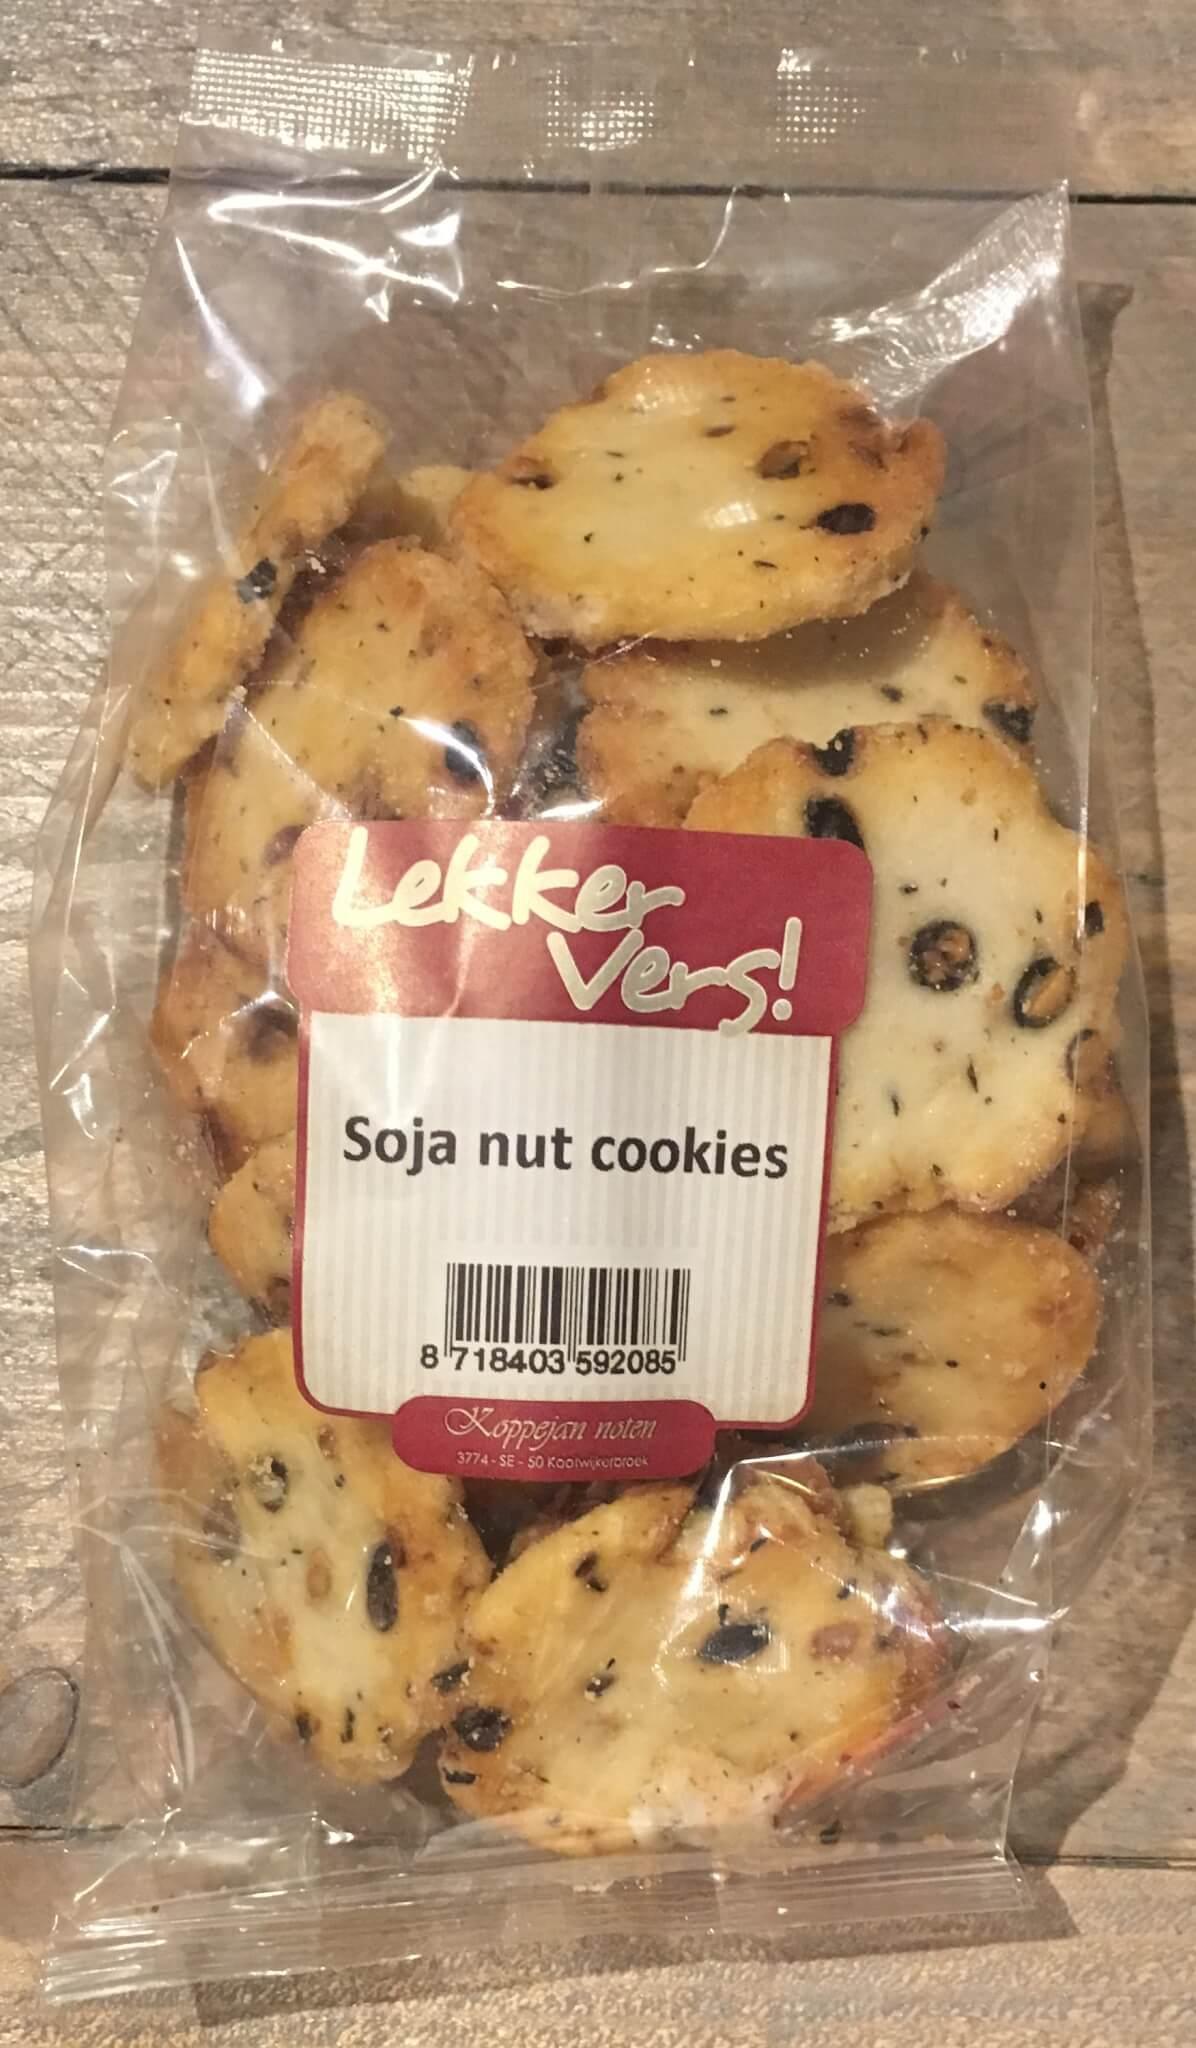 Fruitbedrijf-Van-den-Berge_sjoa nut cookies